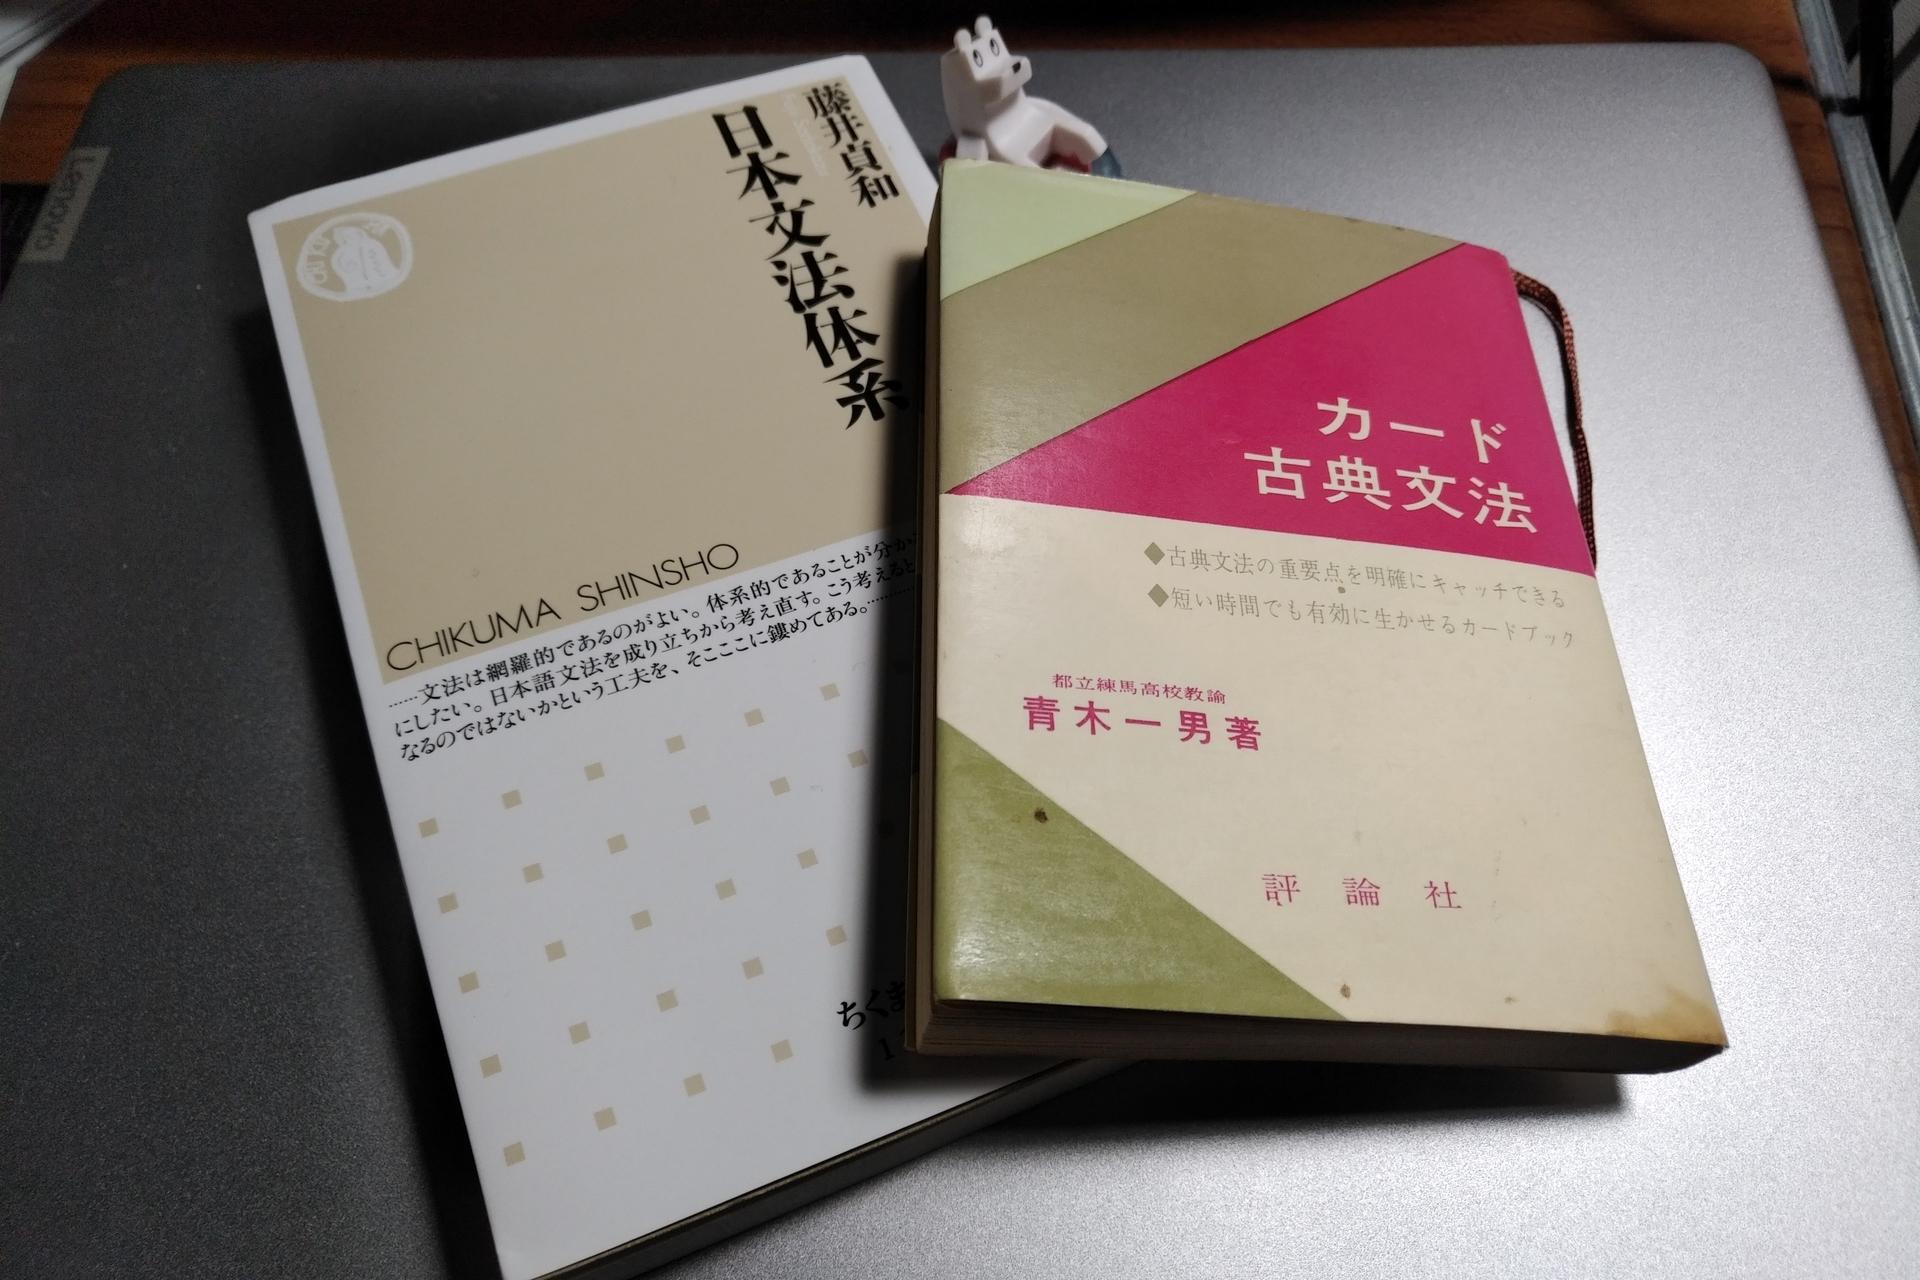 青木一男『カード古典文法』と藤井貞和『日本文法体系』